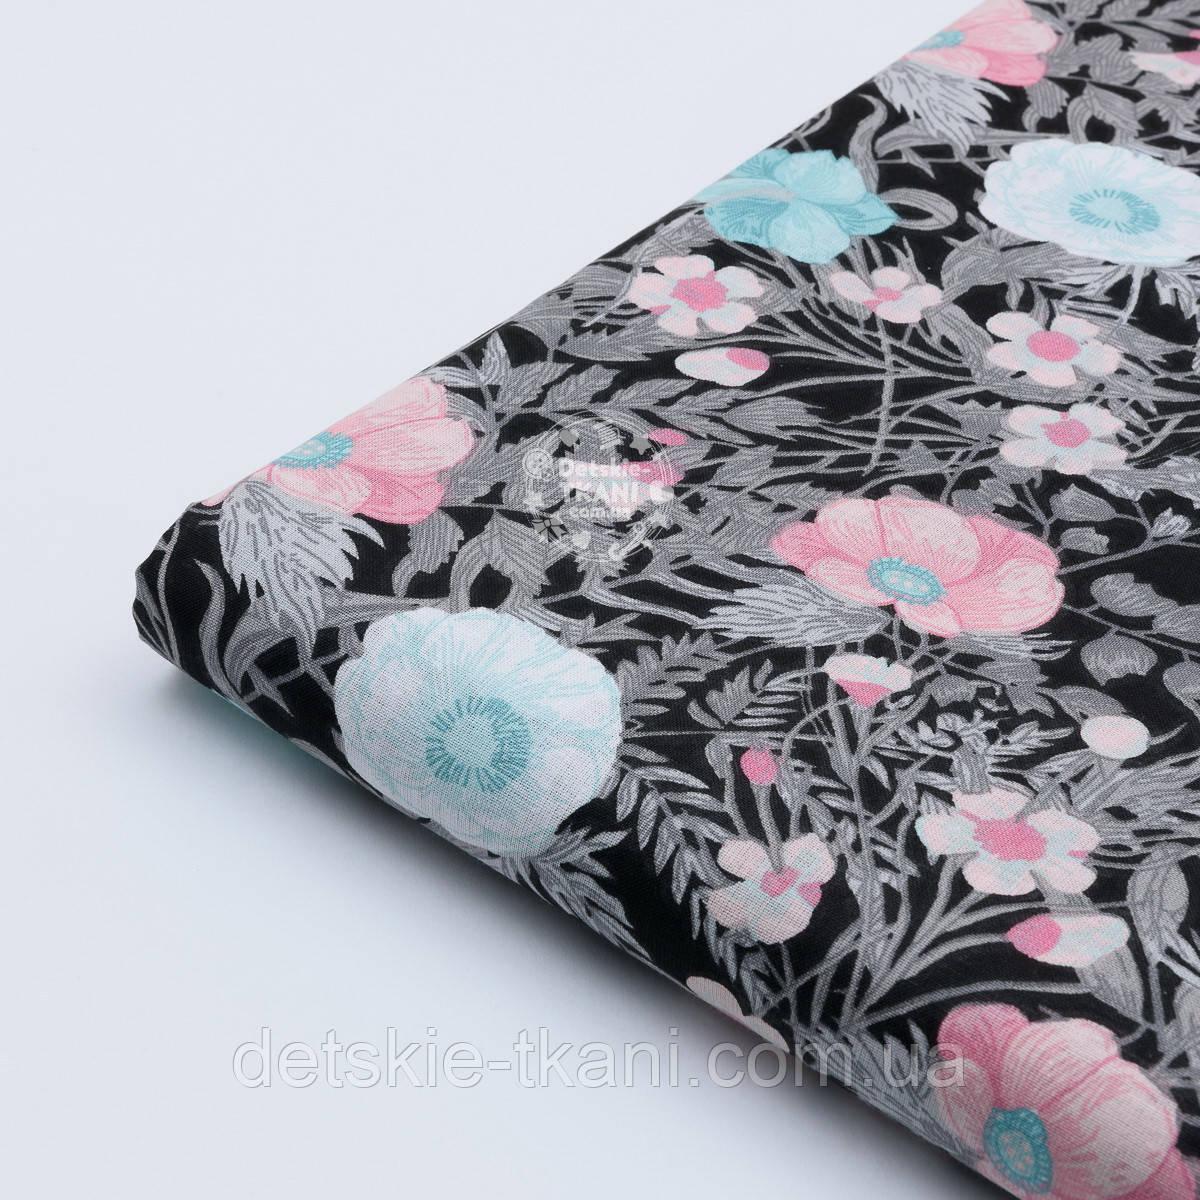 """Лоскут ткани """"Анемоны розовые и бирюзовые с серыми ветками"""" на чёрном №1838, размер 67*75 см"""